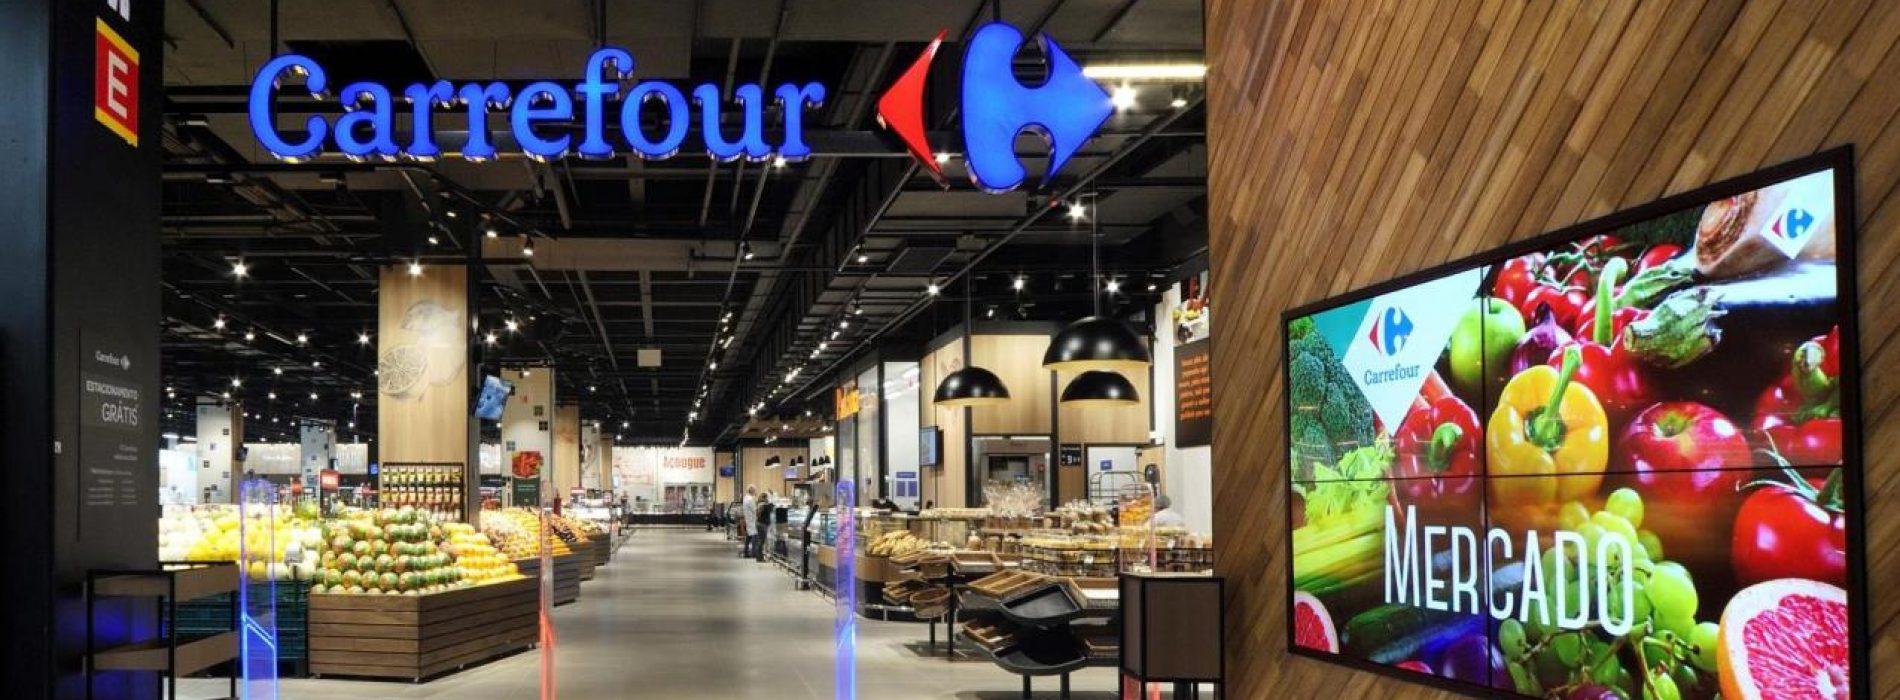 Carrefour é premiado por monitorar o uso correto de defensivos agrícolas em alimentos que comercializa